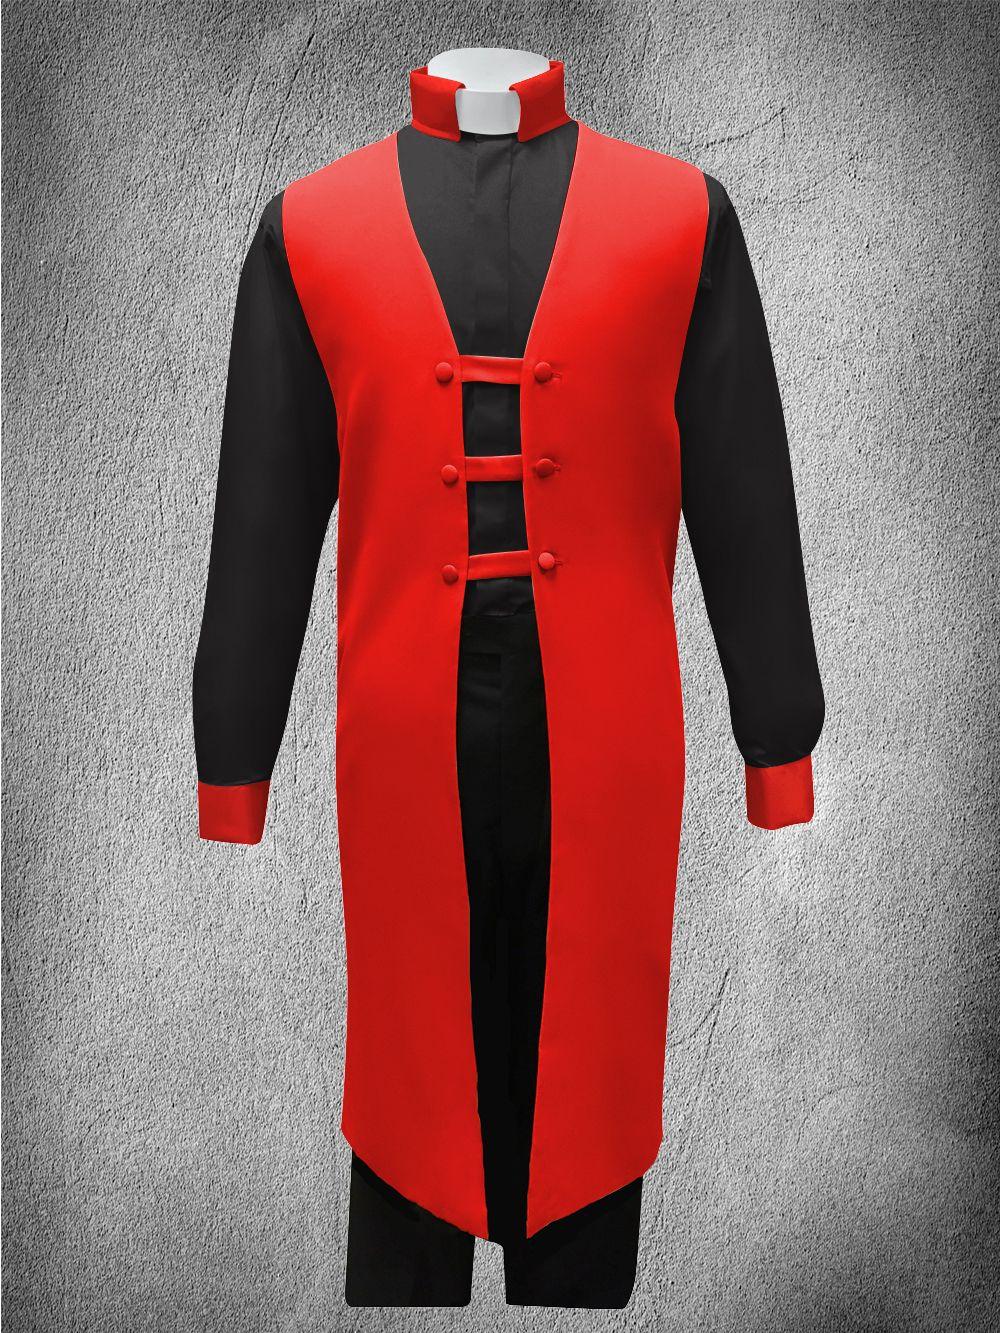 Contrast Ministerial Vesture Set Red/Black-Red